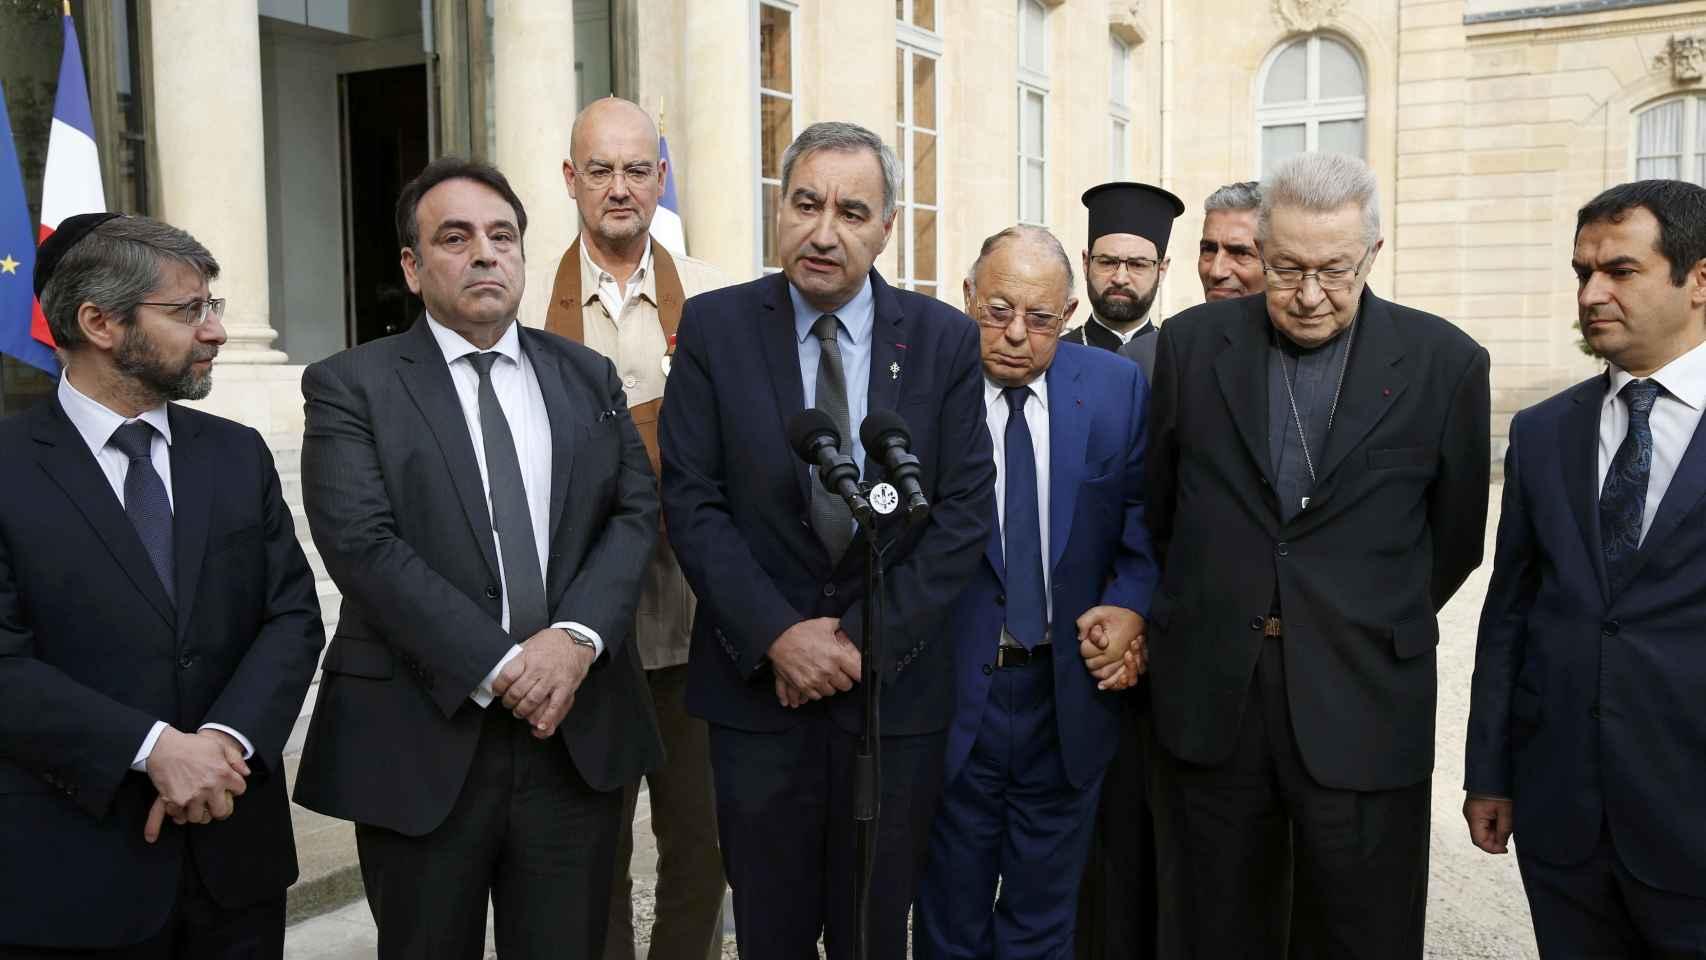 Los líderes religiosos de Francia comparecen juntos tras su reunión con Hollande.